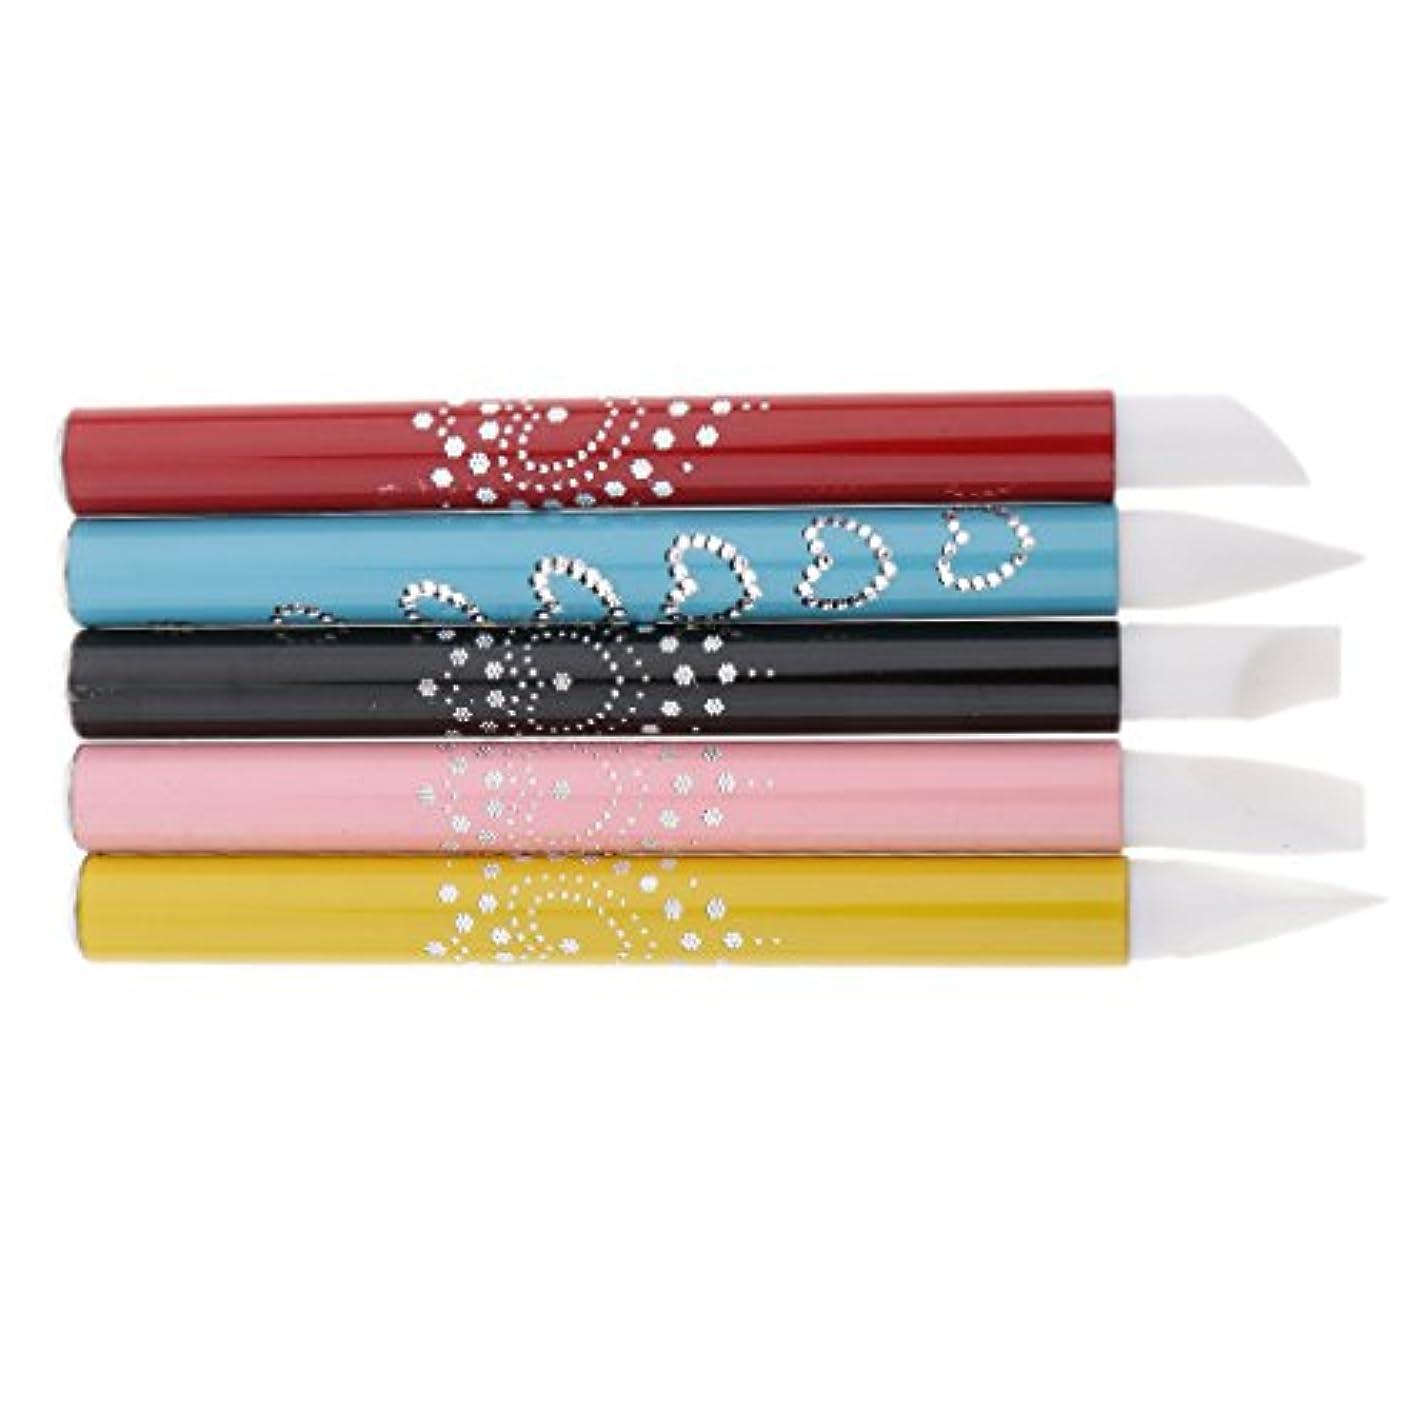 間違いなく失態上下する5個 ネイルアート ネイルペン ネイルブラシ シリコンチップ ブラシチップ 彫刻ペン アルミハンドル 繊細なデザイン プレゼント